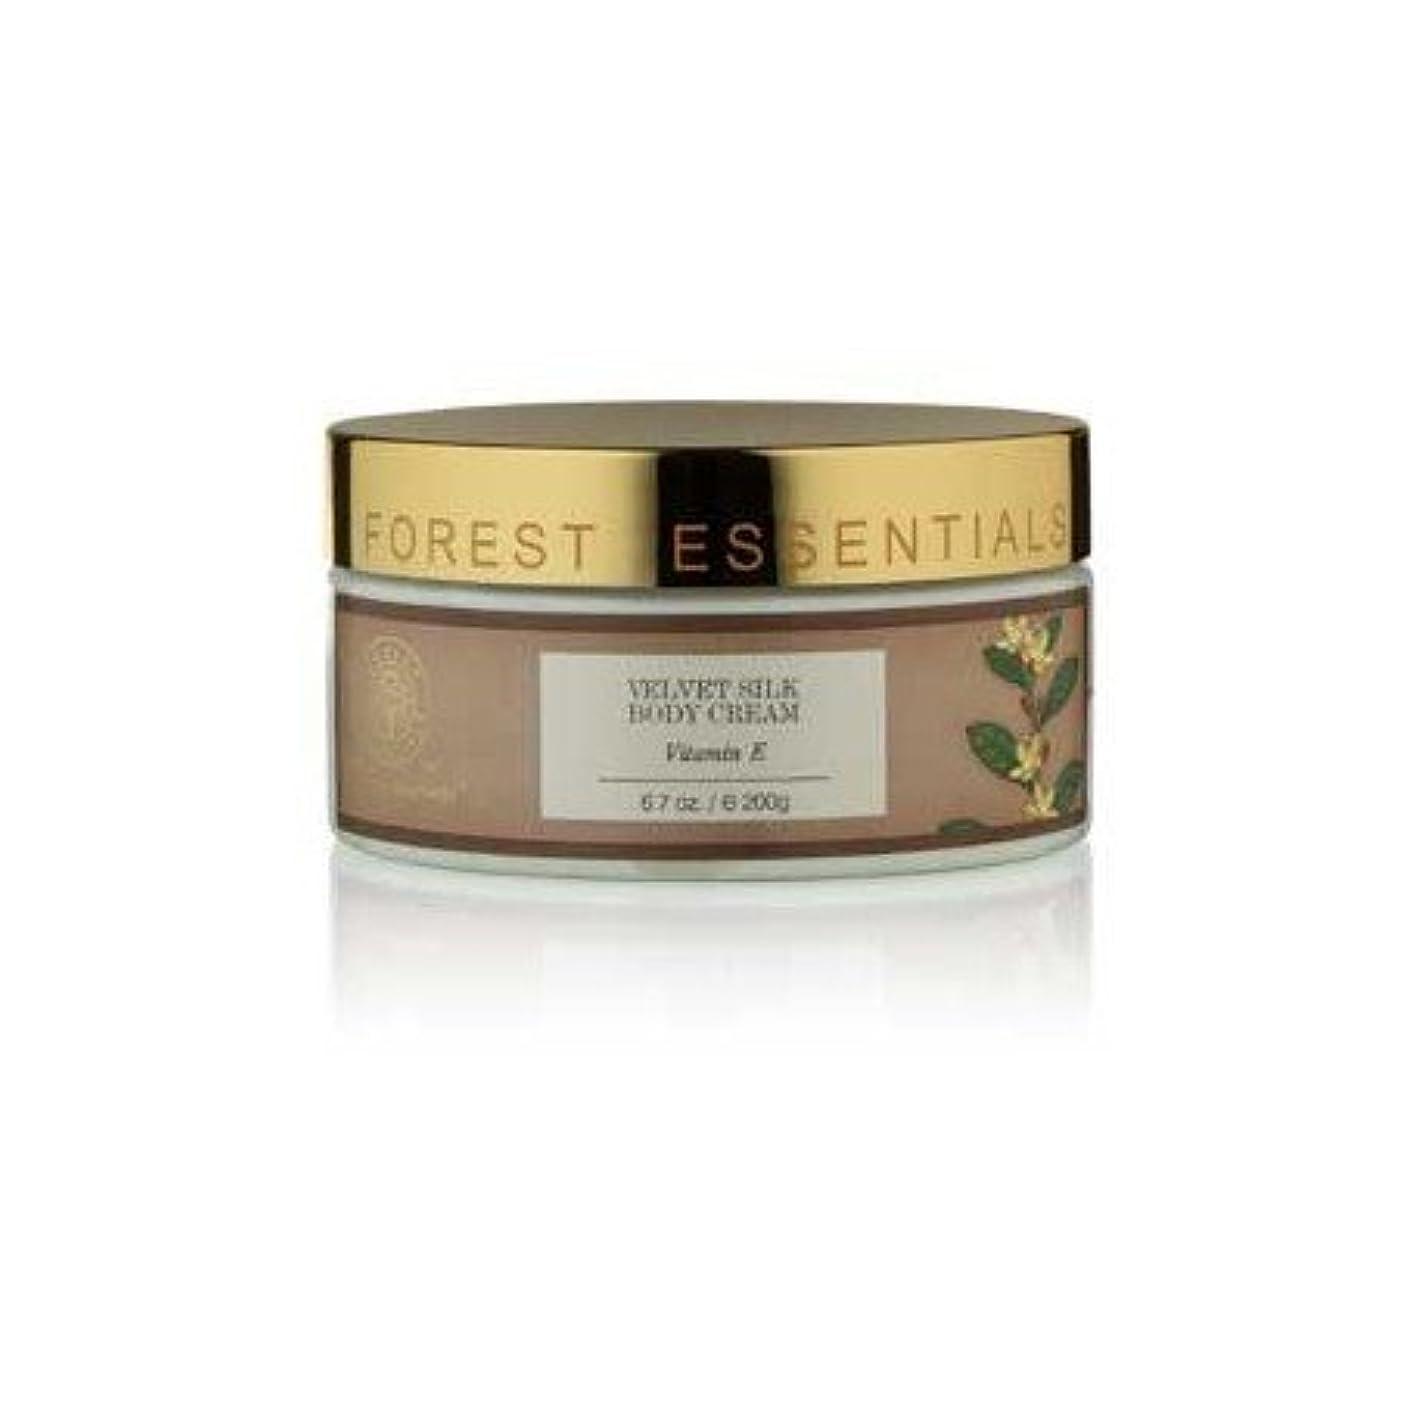 師匠アクロバット略語Forest Essentials Velvet Silk Body Cream Vitamin E - 200g